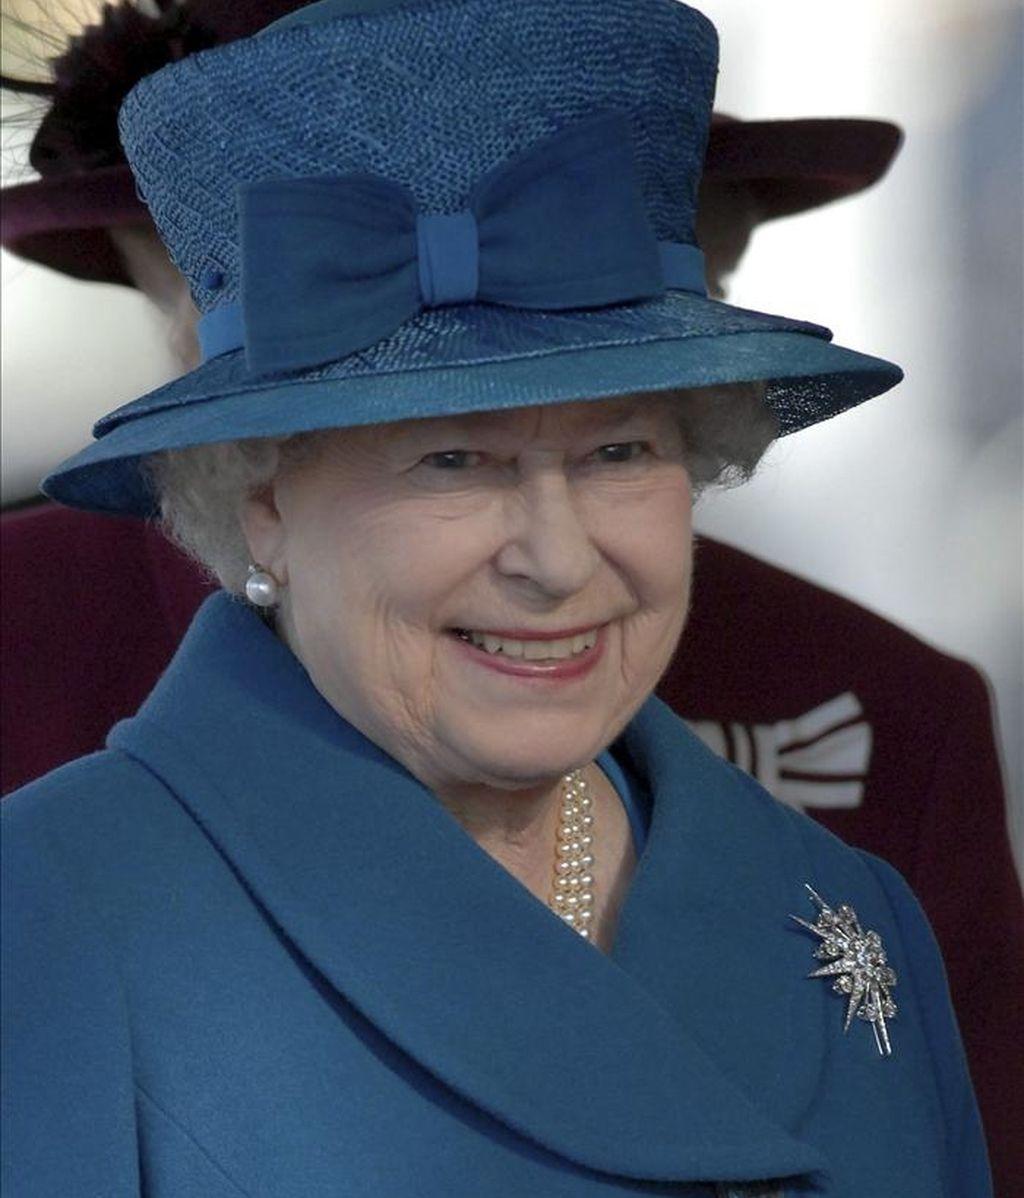 La reina Isabel II participa en la ceremonia oficial de la botadura del nuevo Queen Elizabeth, en el puerto de Southampton, Inglaterra. EFE/A